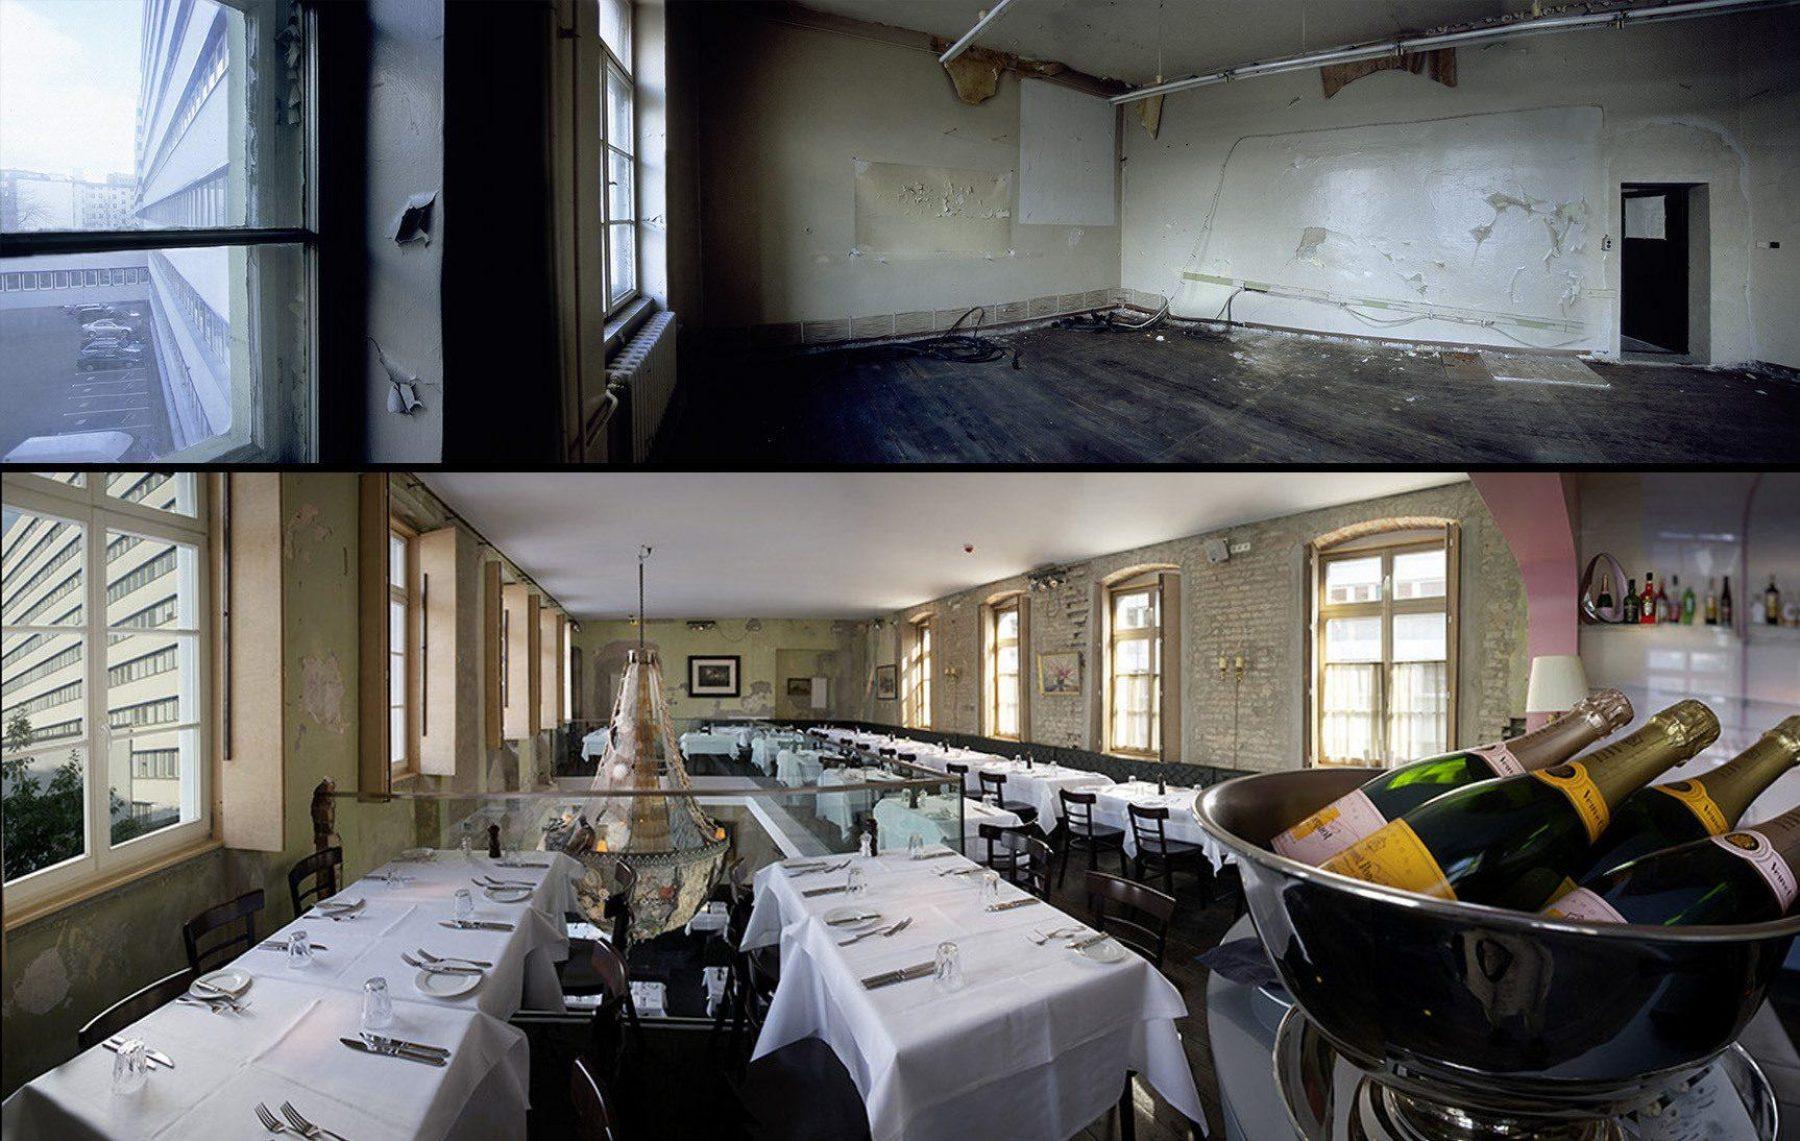 ehemaliges Schulgebäude, Restaurant The Grant